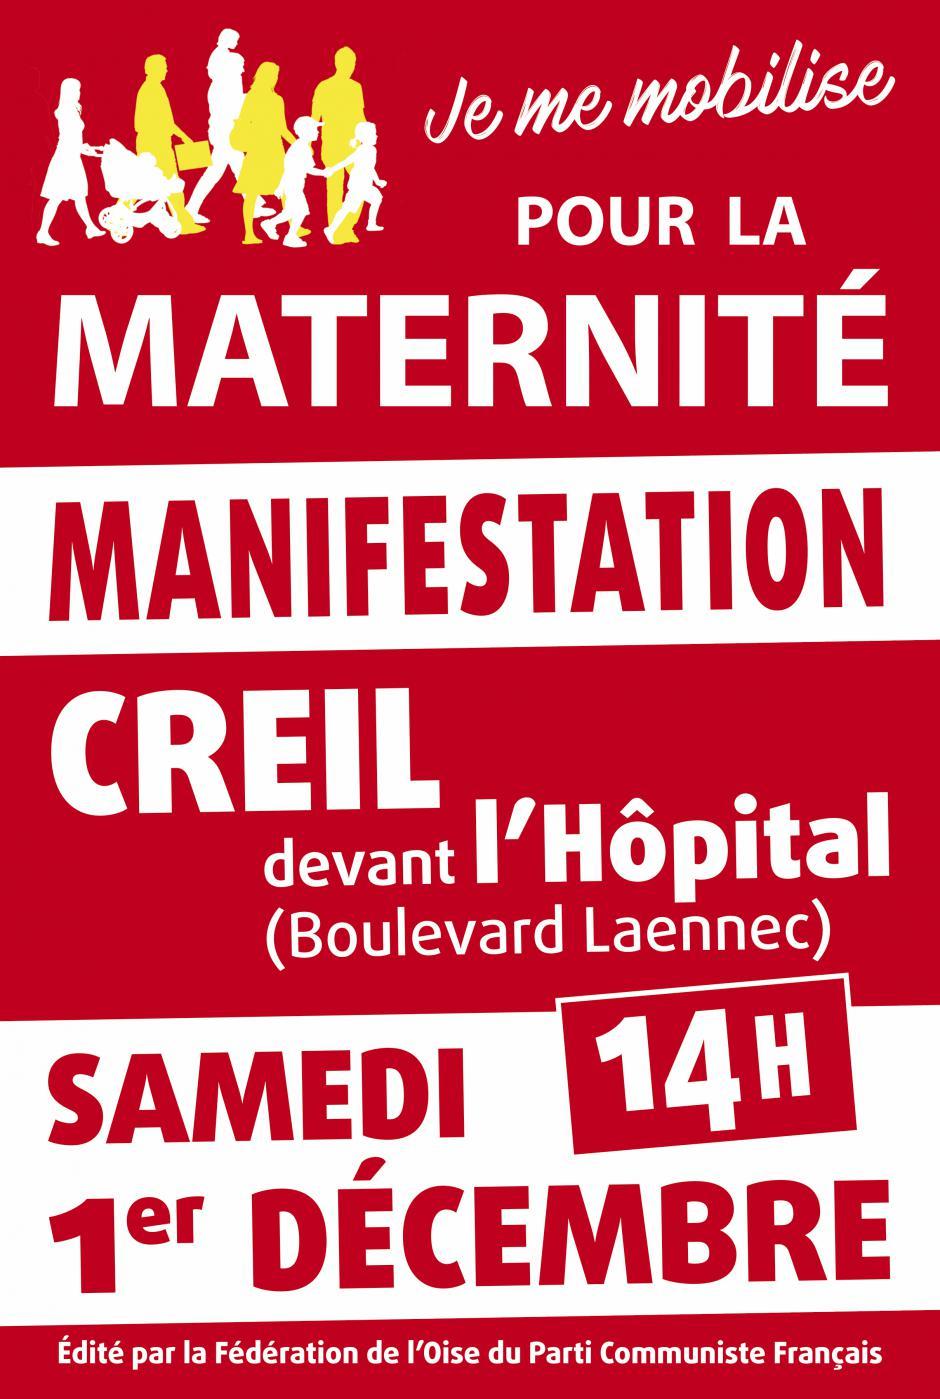 Affiche « Manifestation pour le maintien de la maternité de Creil » - Creil, 1er décembre 2018